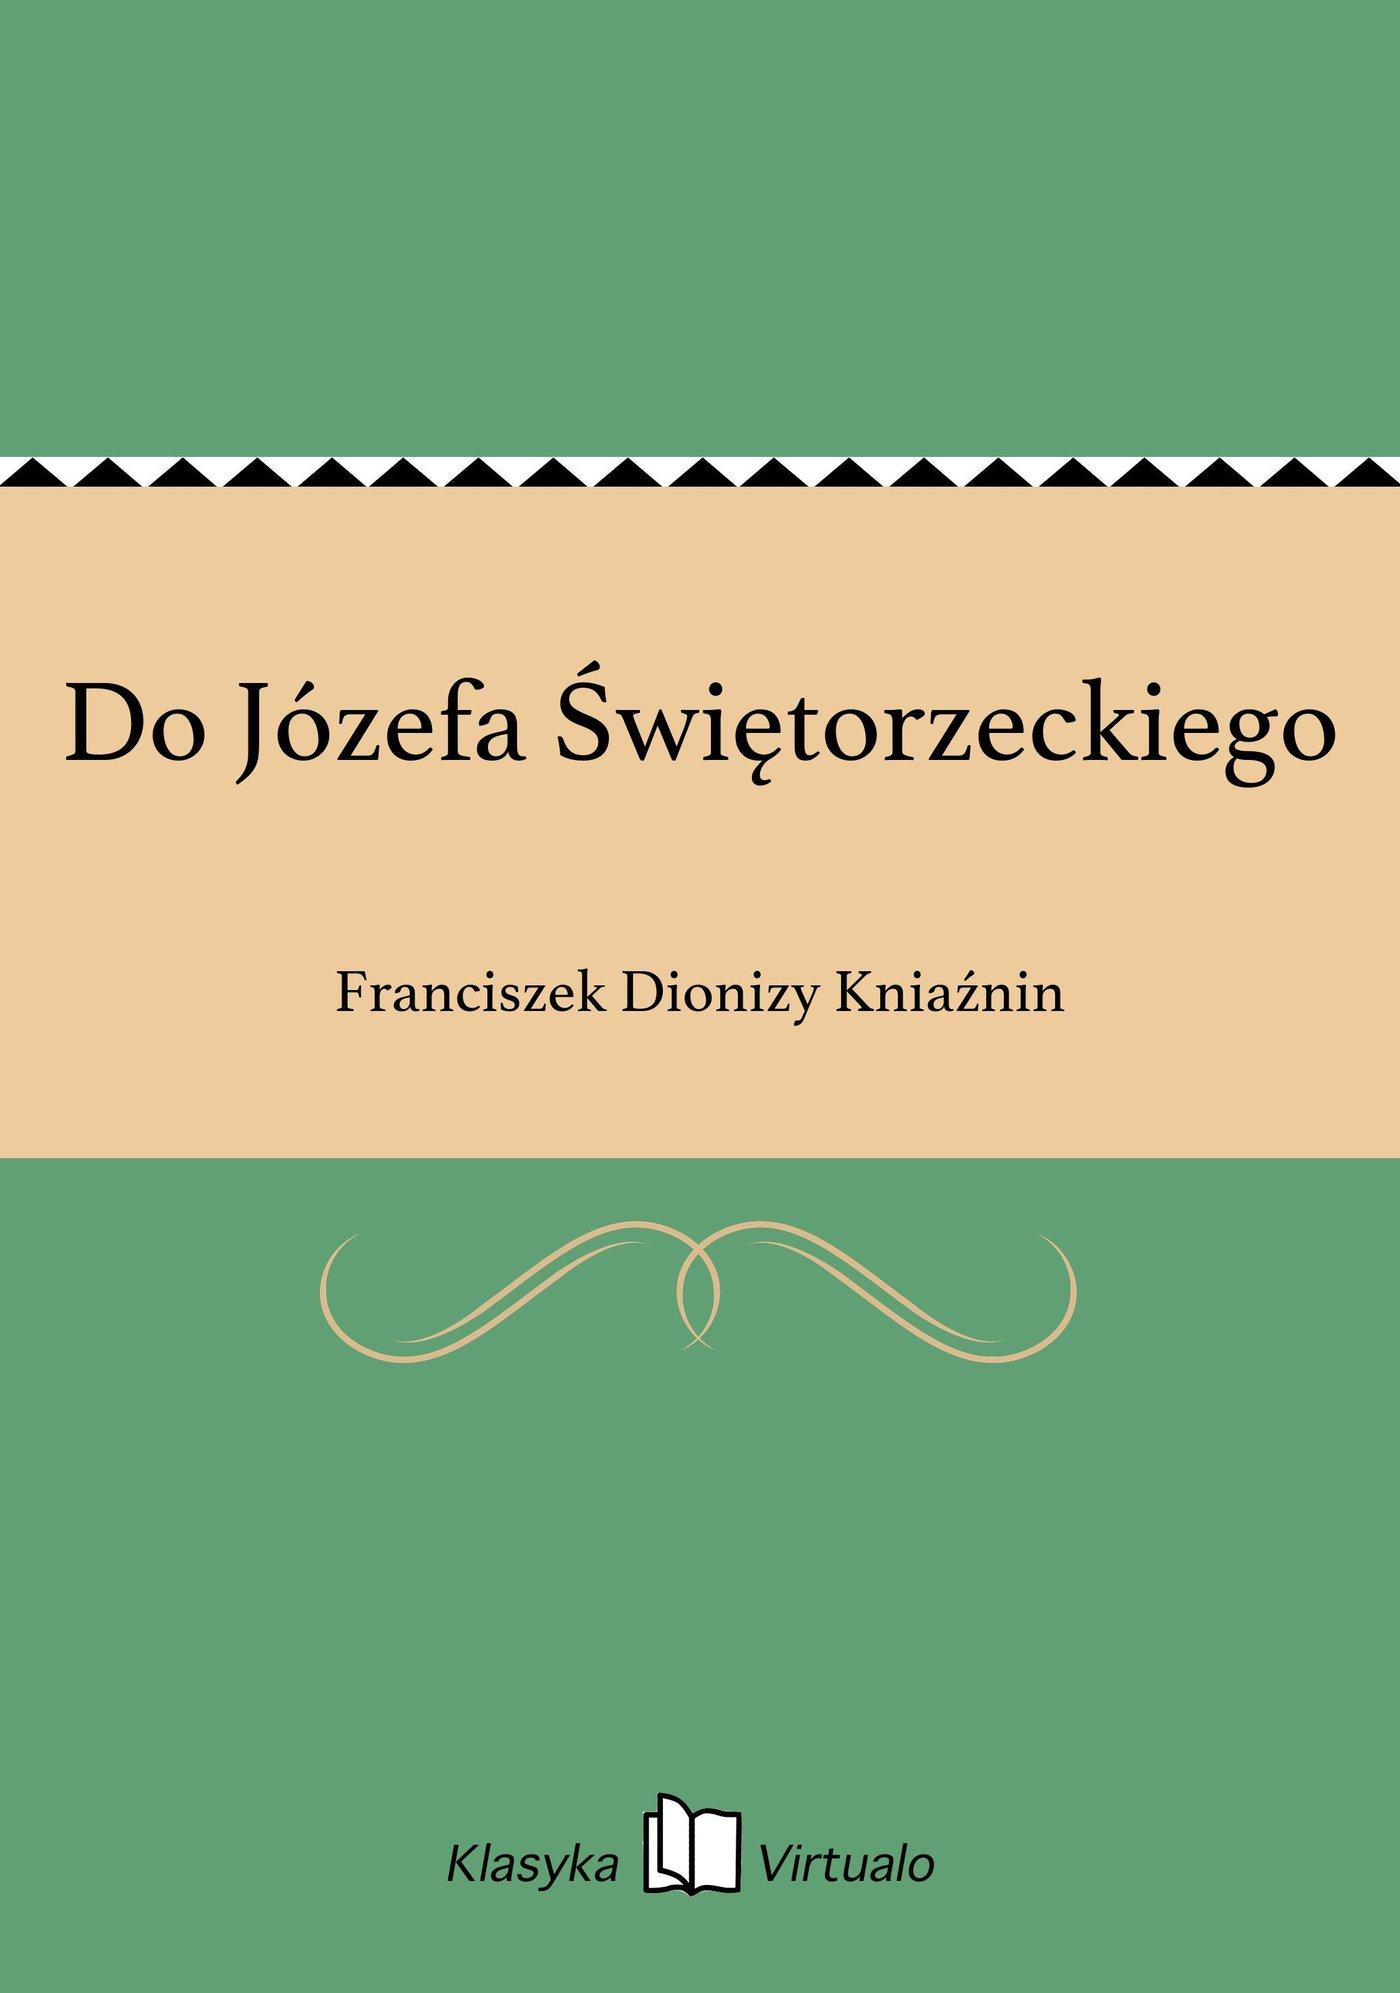 Do Józefa Świętorzeckiego - Ebook (Książka EPUB) do pobrania w formacie EPUB